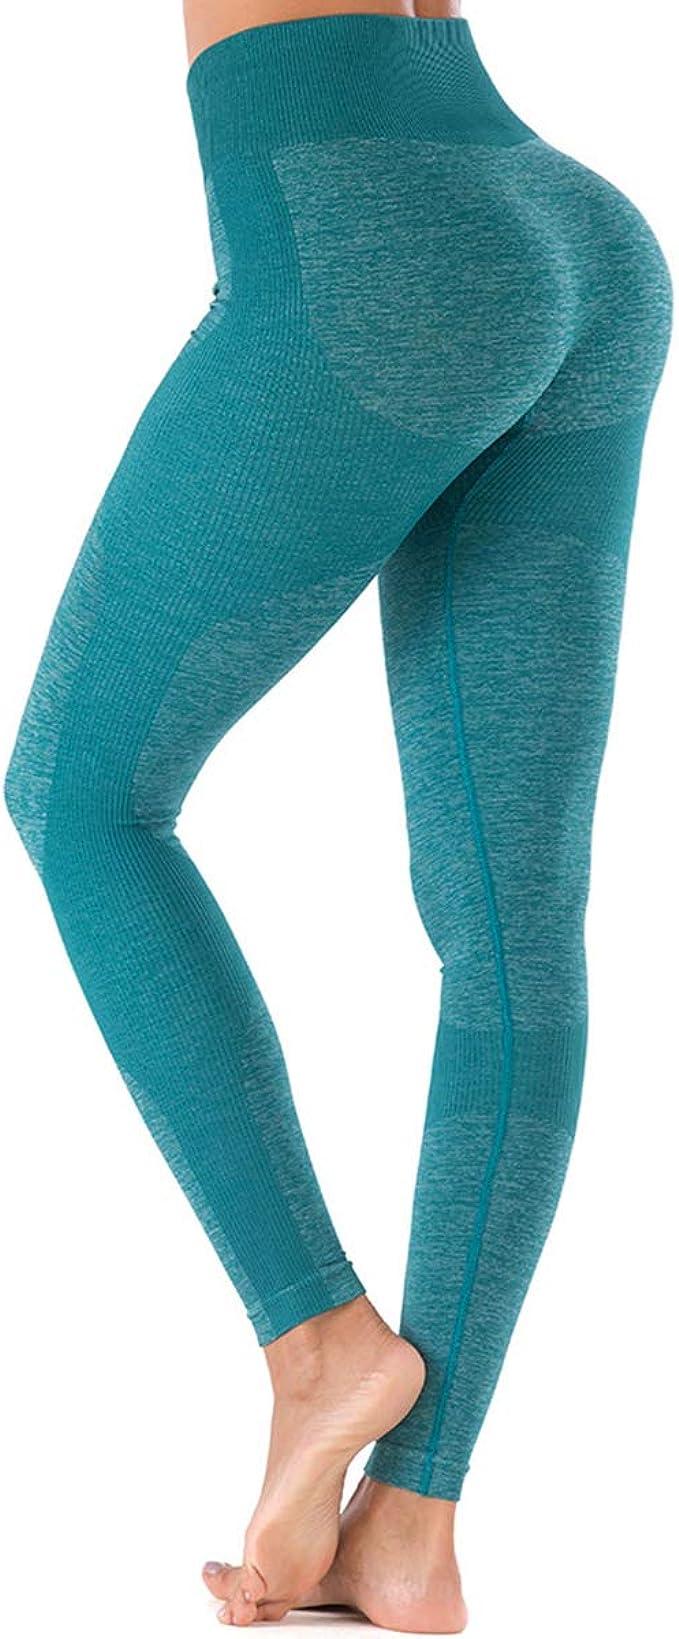 Damen Hohe Taille Yoga Leggings Nahtlos Ultra Stretch Gym Workout Pants